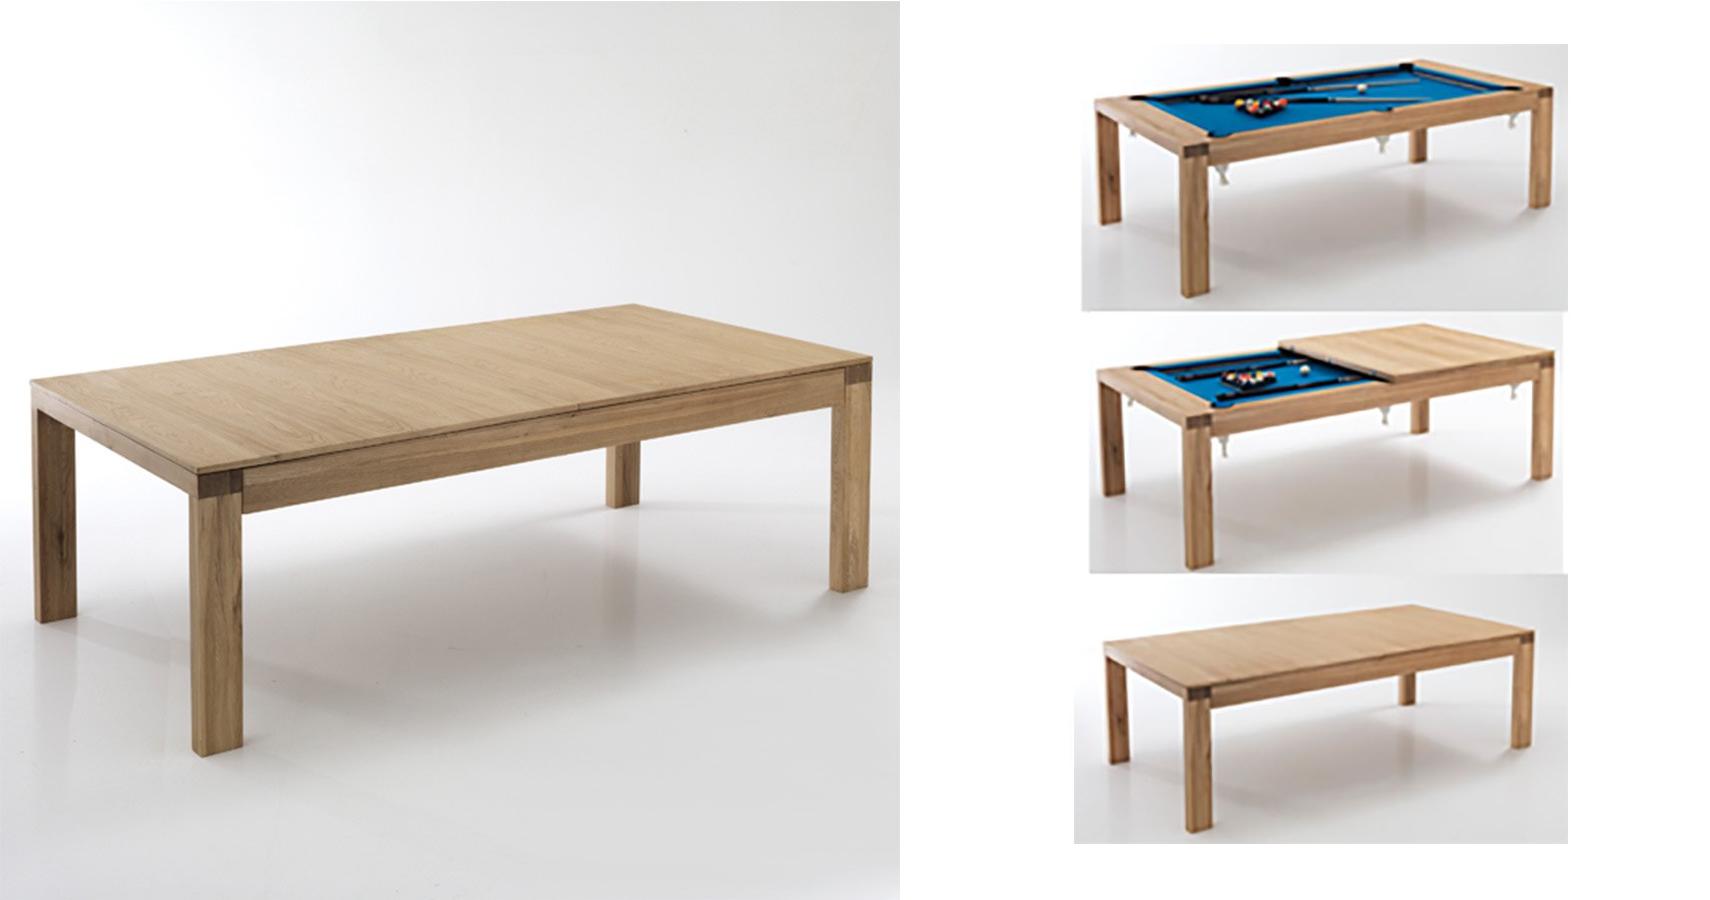 Un tavolo da pranzo che nasconde un tavolo da biliardo - Biliardo tavolo da pranzo ...